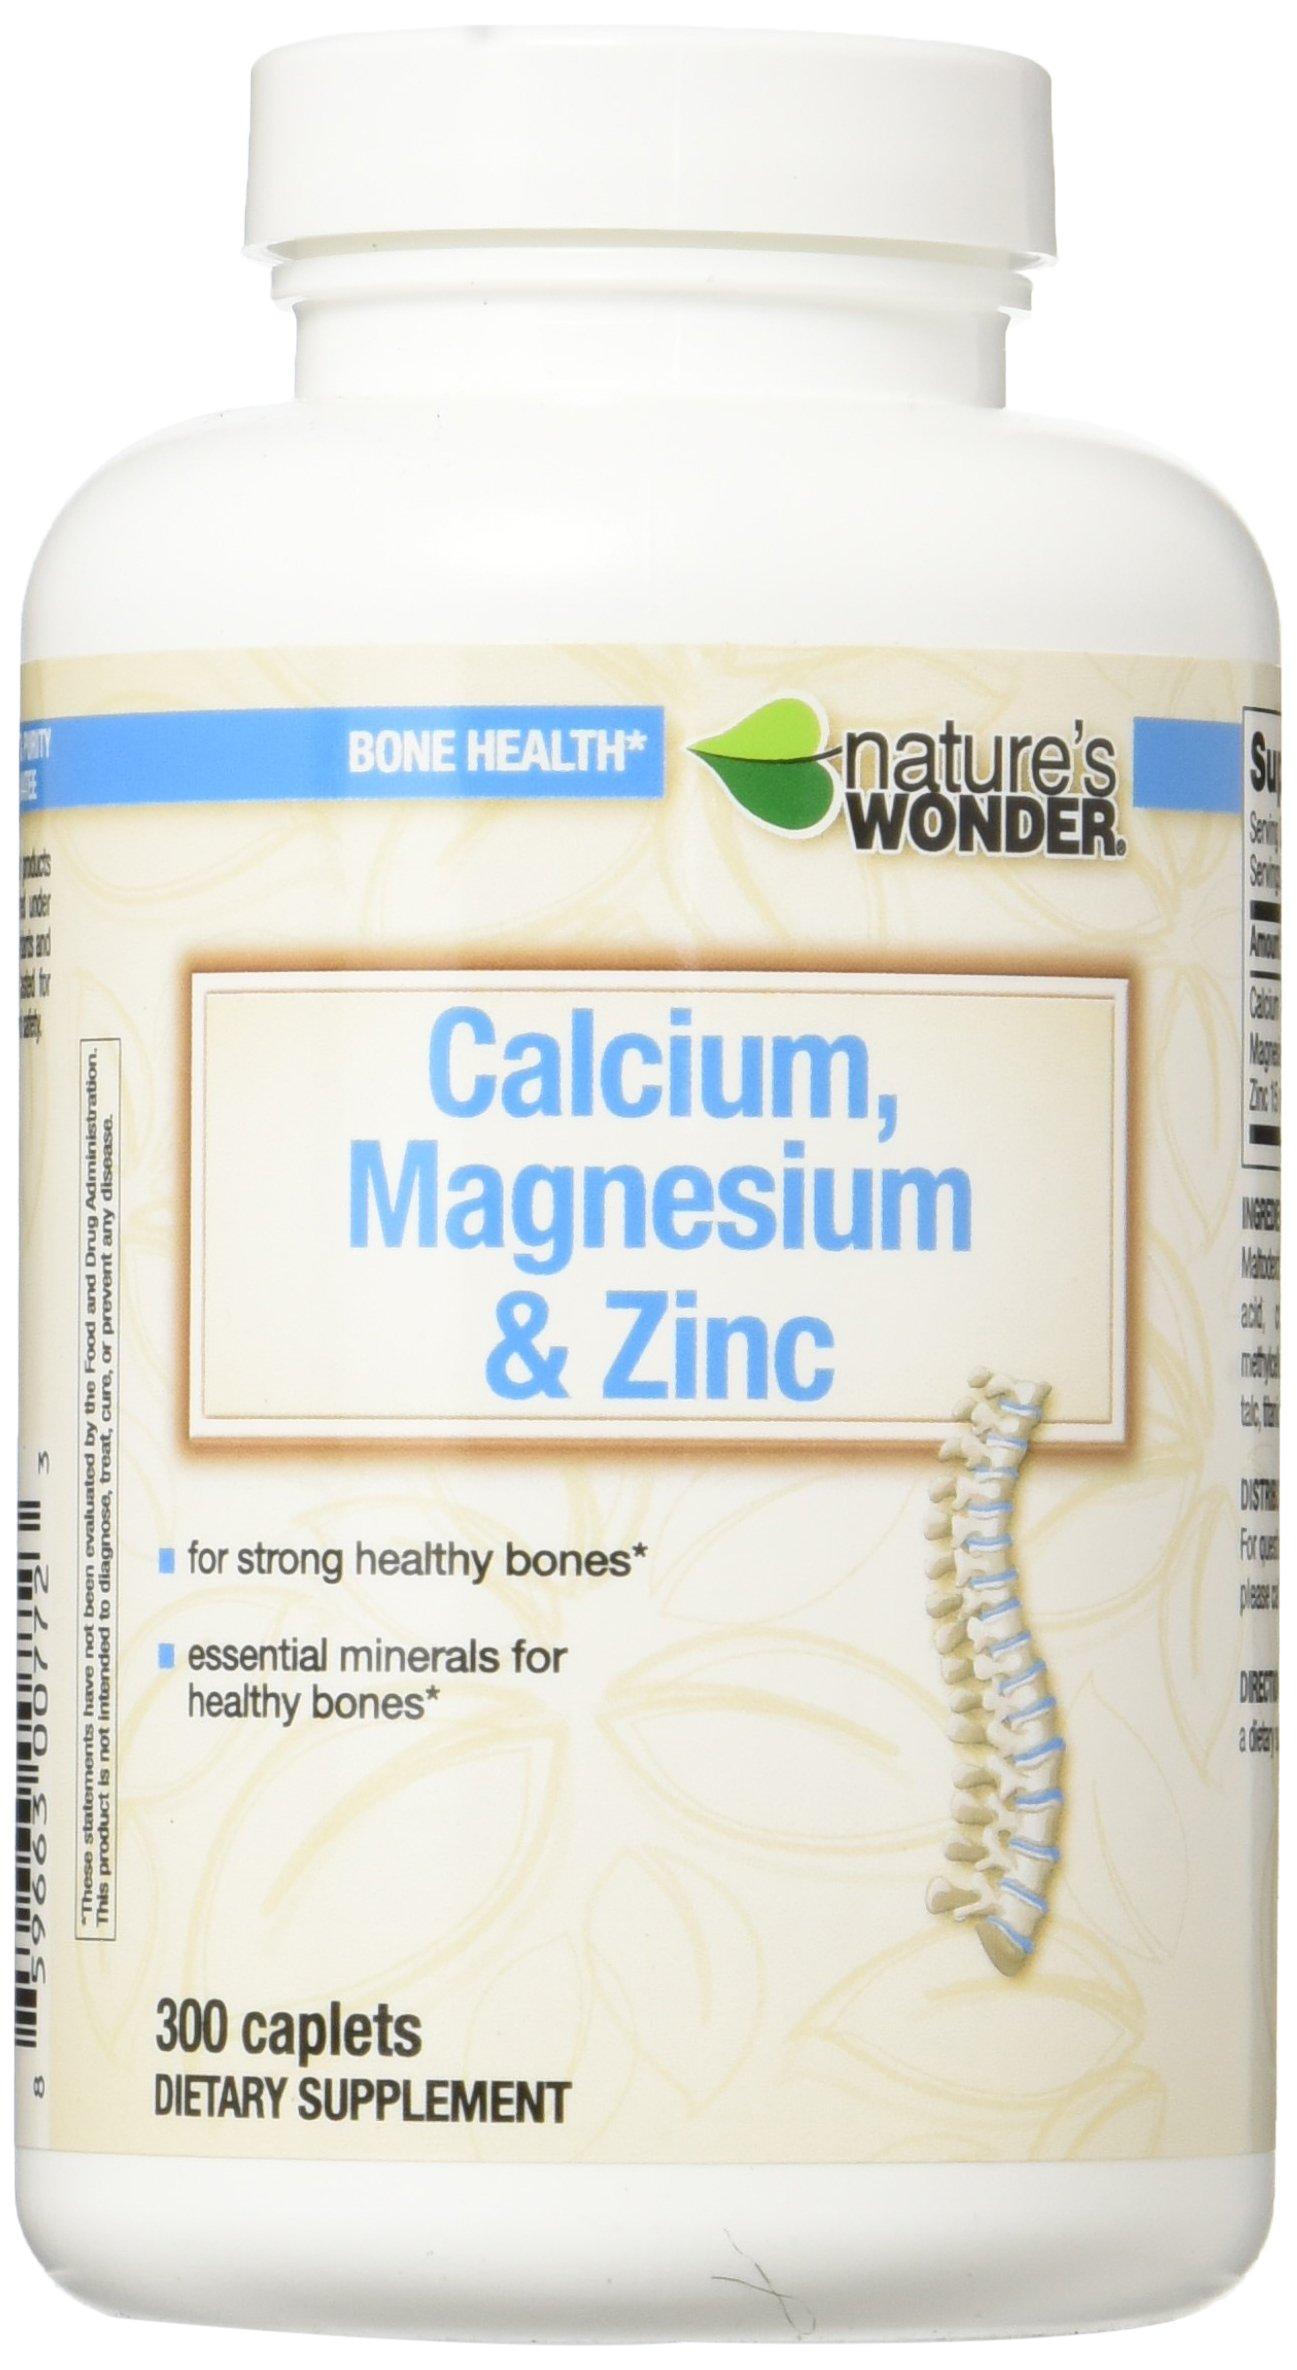 Nature's Wonder Calcium Magnesium and Zinc Supplement, 300 Count